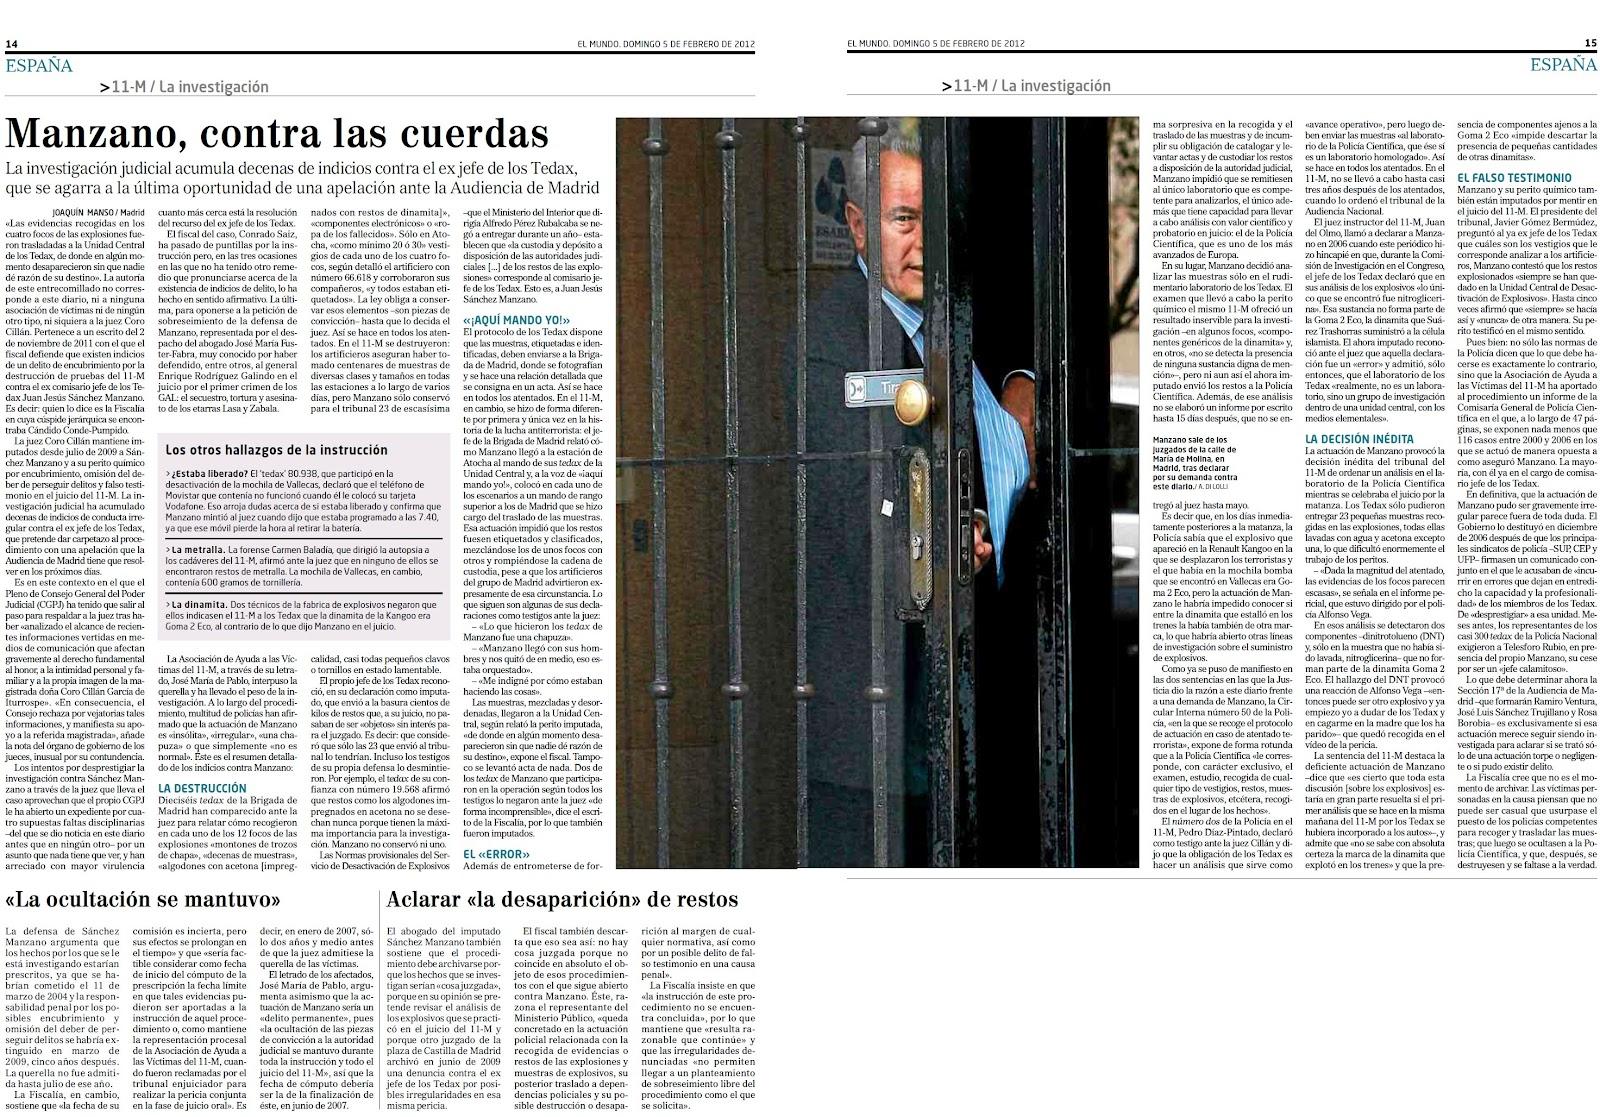 El PSOE no quiso incurrir en el mismo error del fatídico 35 Congreso, por eso eligió al maligno Rubalcaba